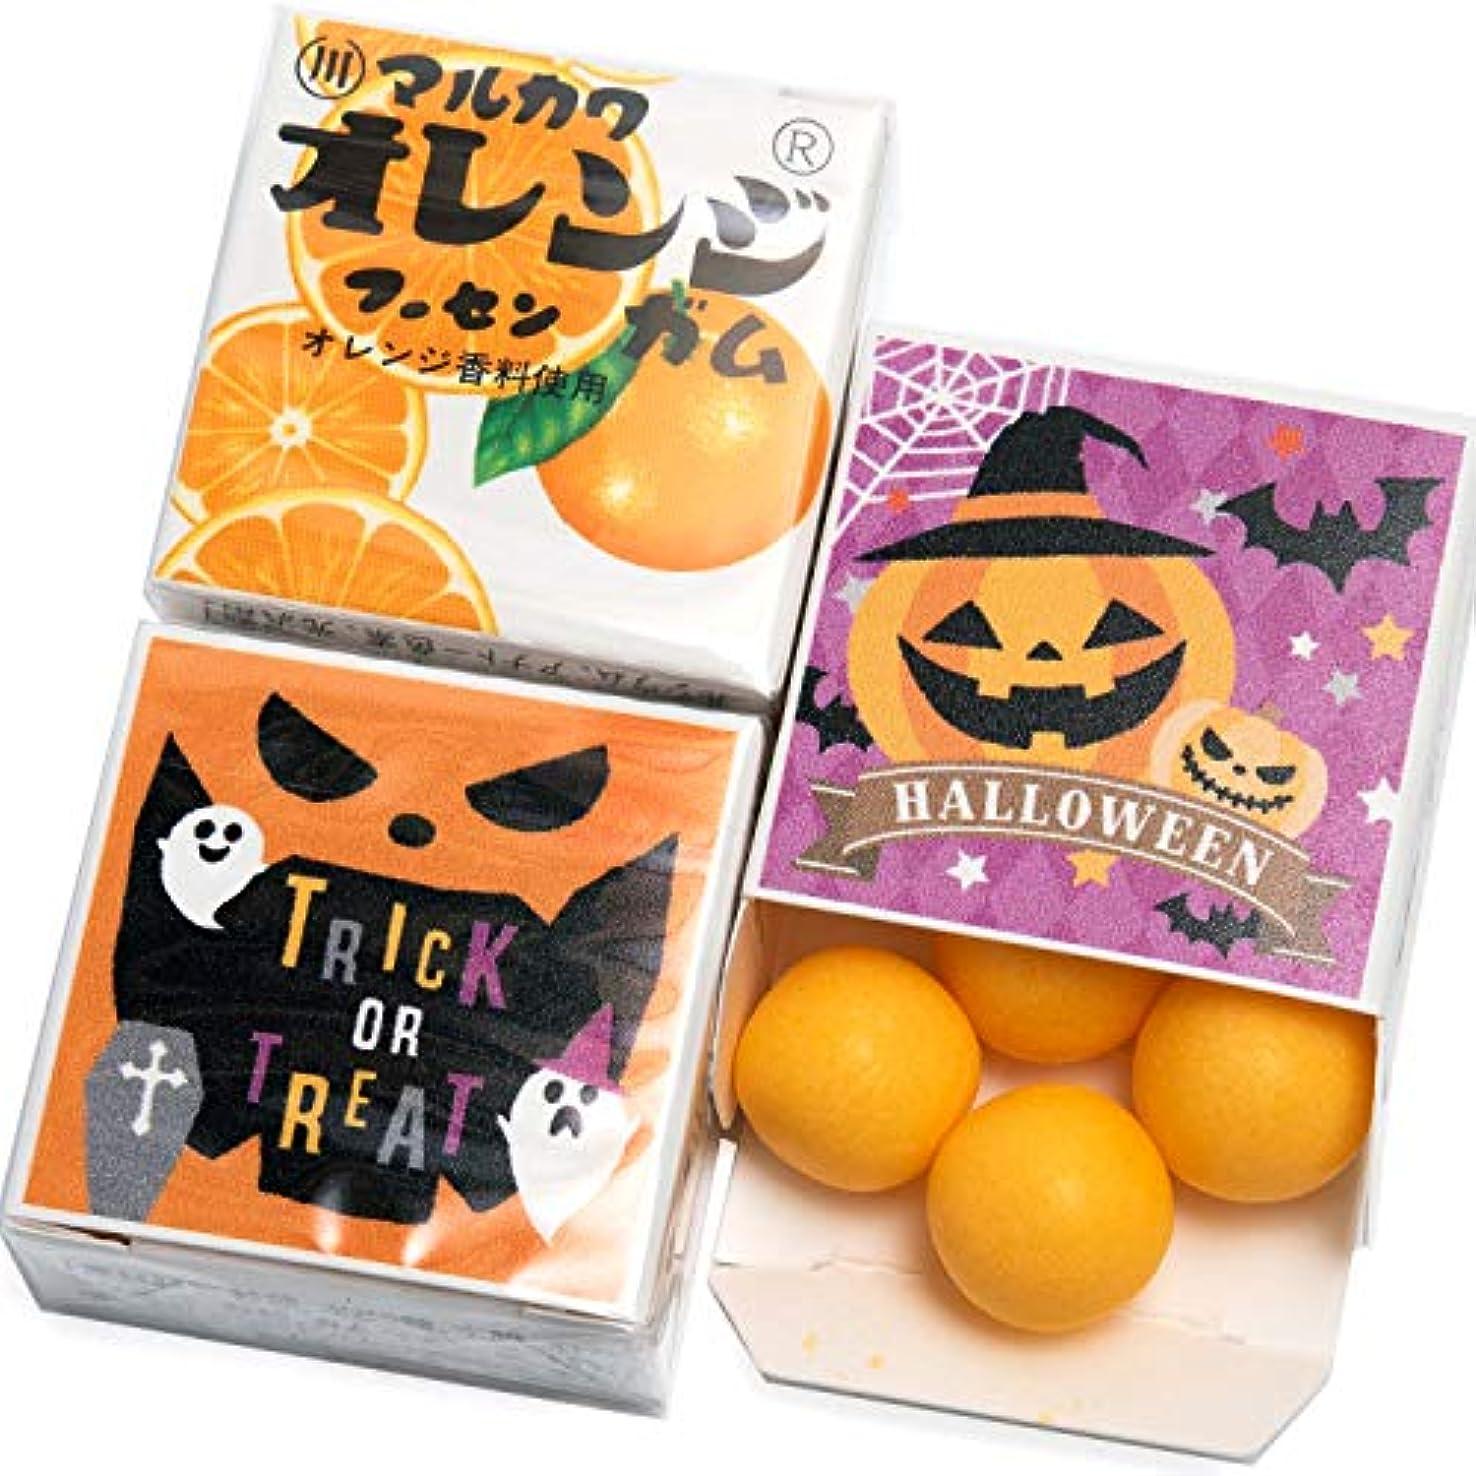 思想以下味付けハロウィン マルカワ ガム 24個入 Halloween お菓子 おかし 配る (オレンジ味) タイプ3 (オレンジ味)